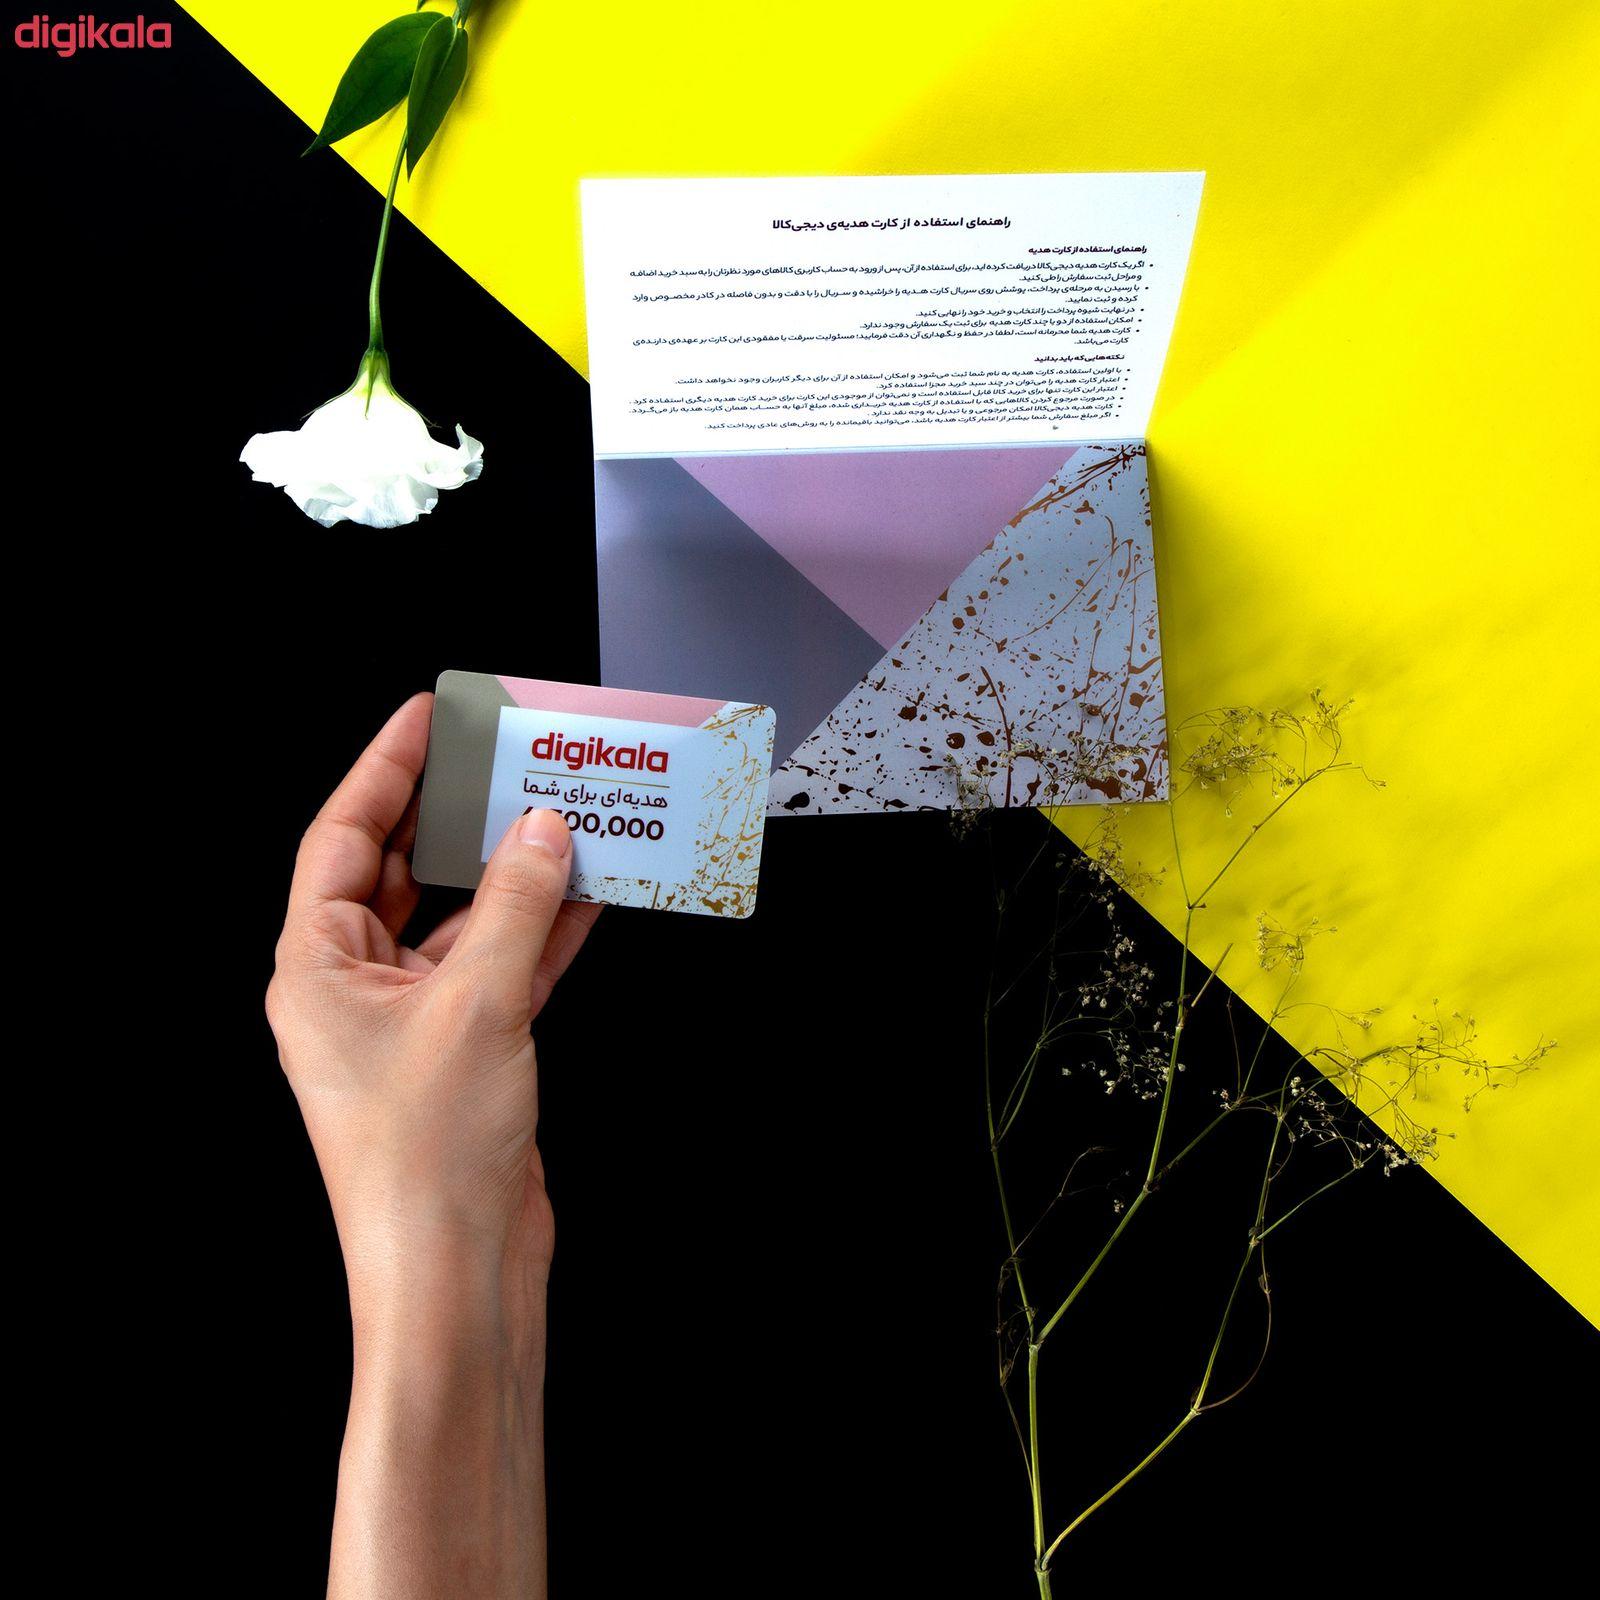 کارت هدیه دیجی کالا به ارزش 4,500,000 تومان طرح یاس main 1 3